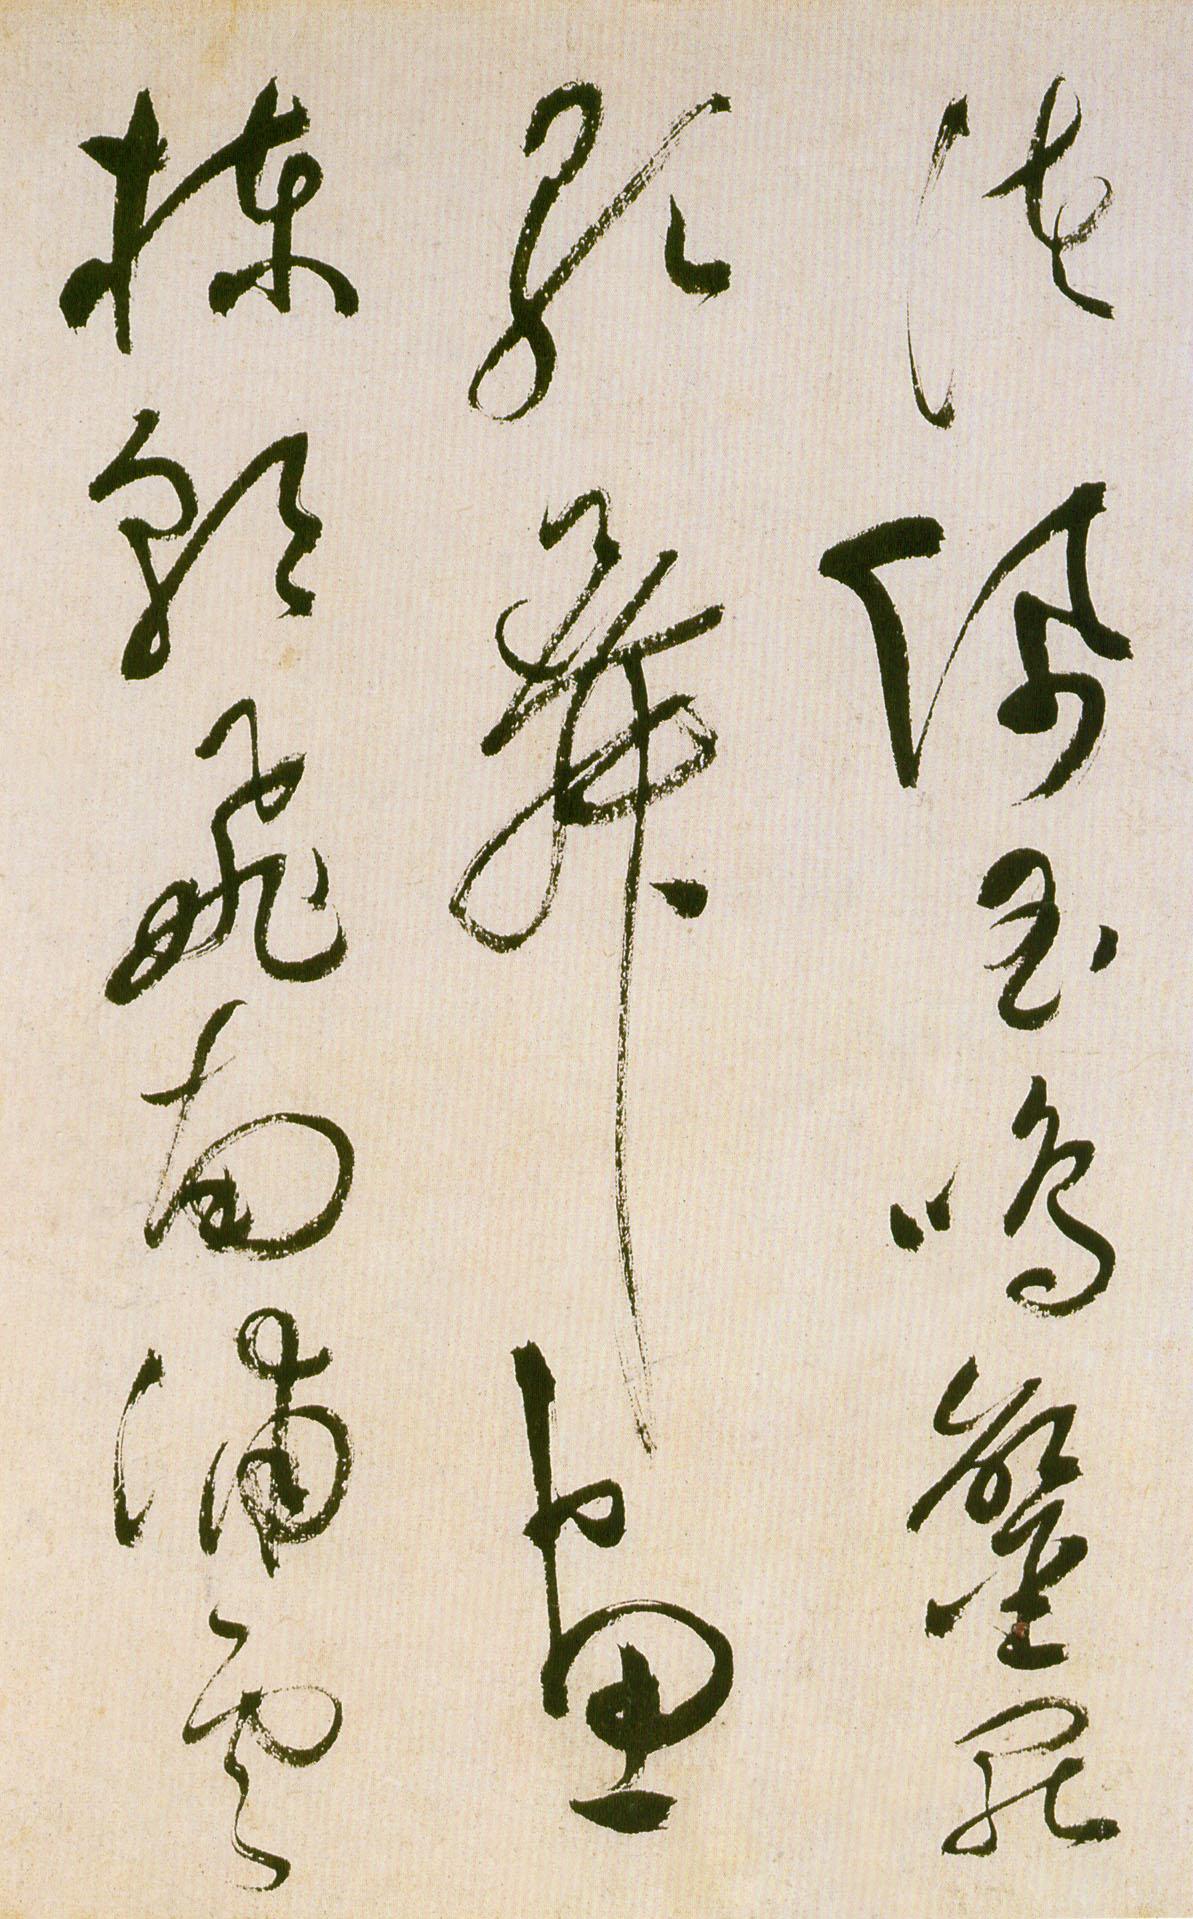 祝允明草书《滕王阁序并诗》 - 香儿 - xianger